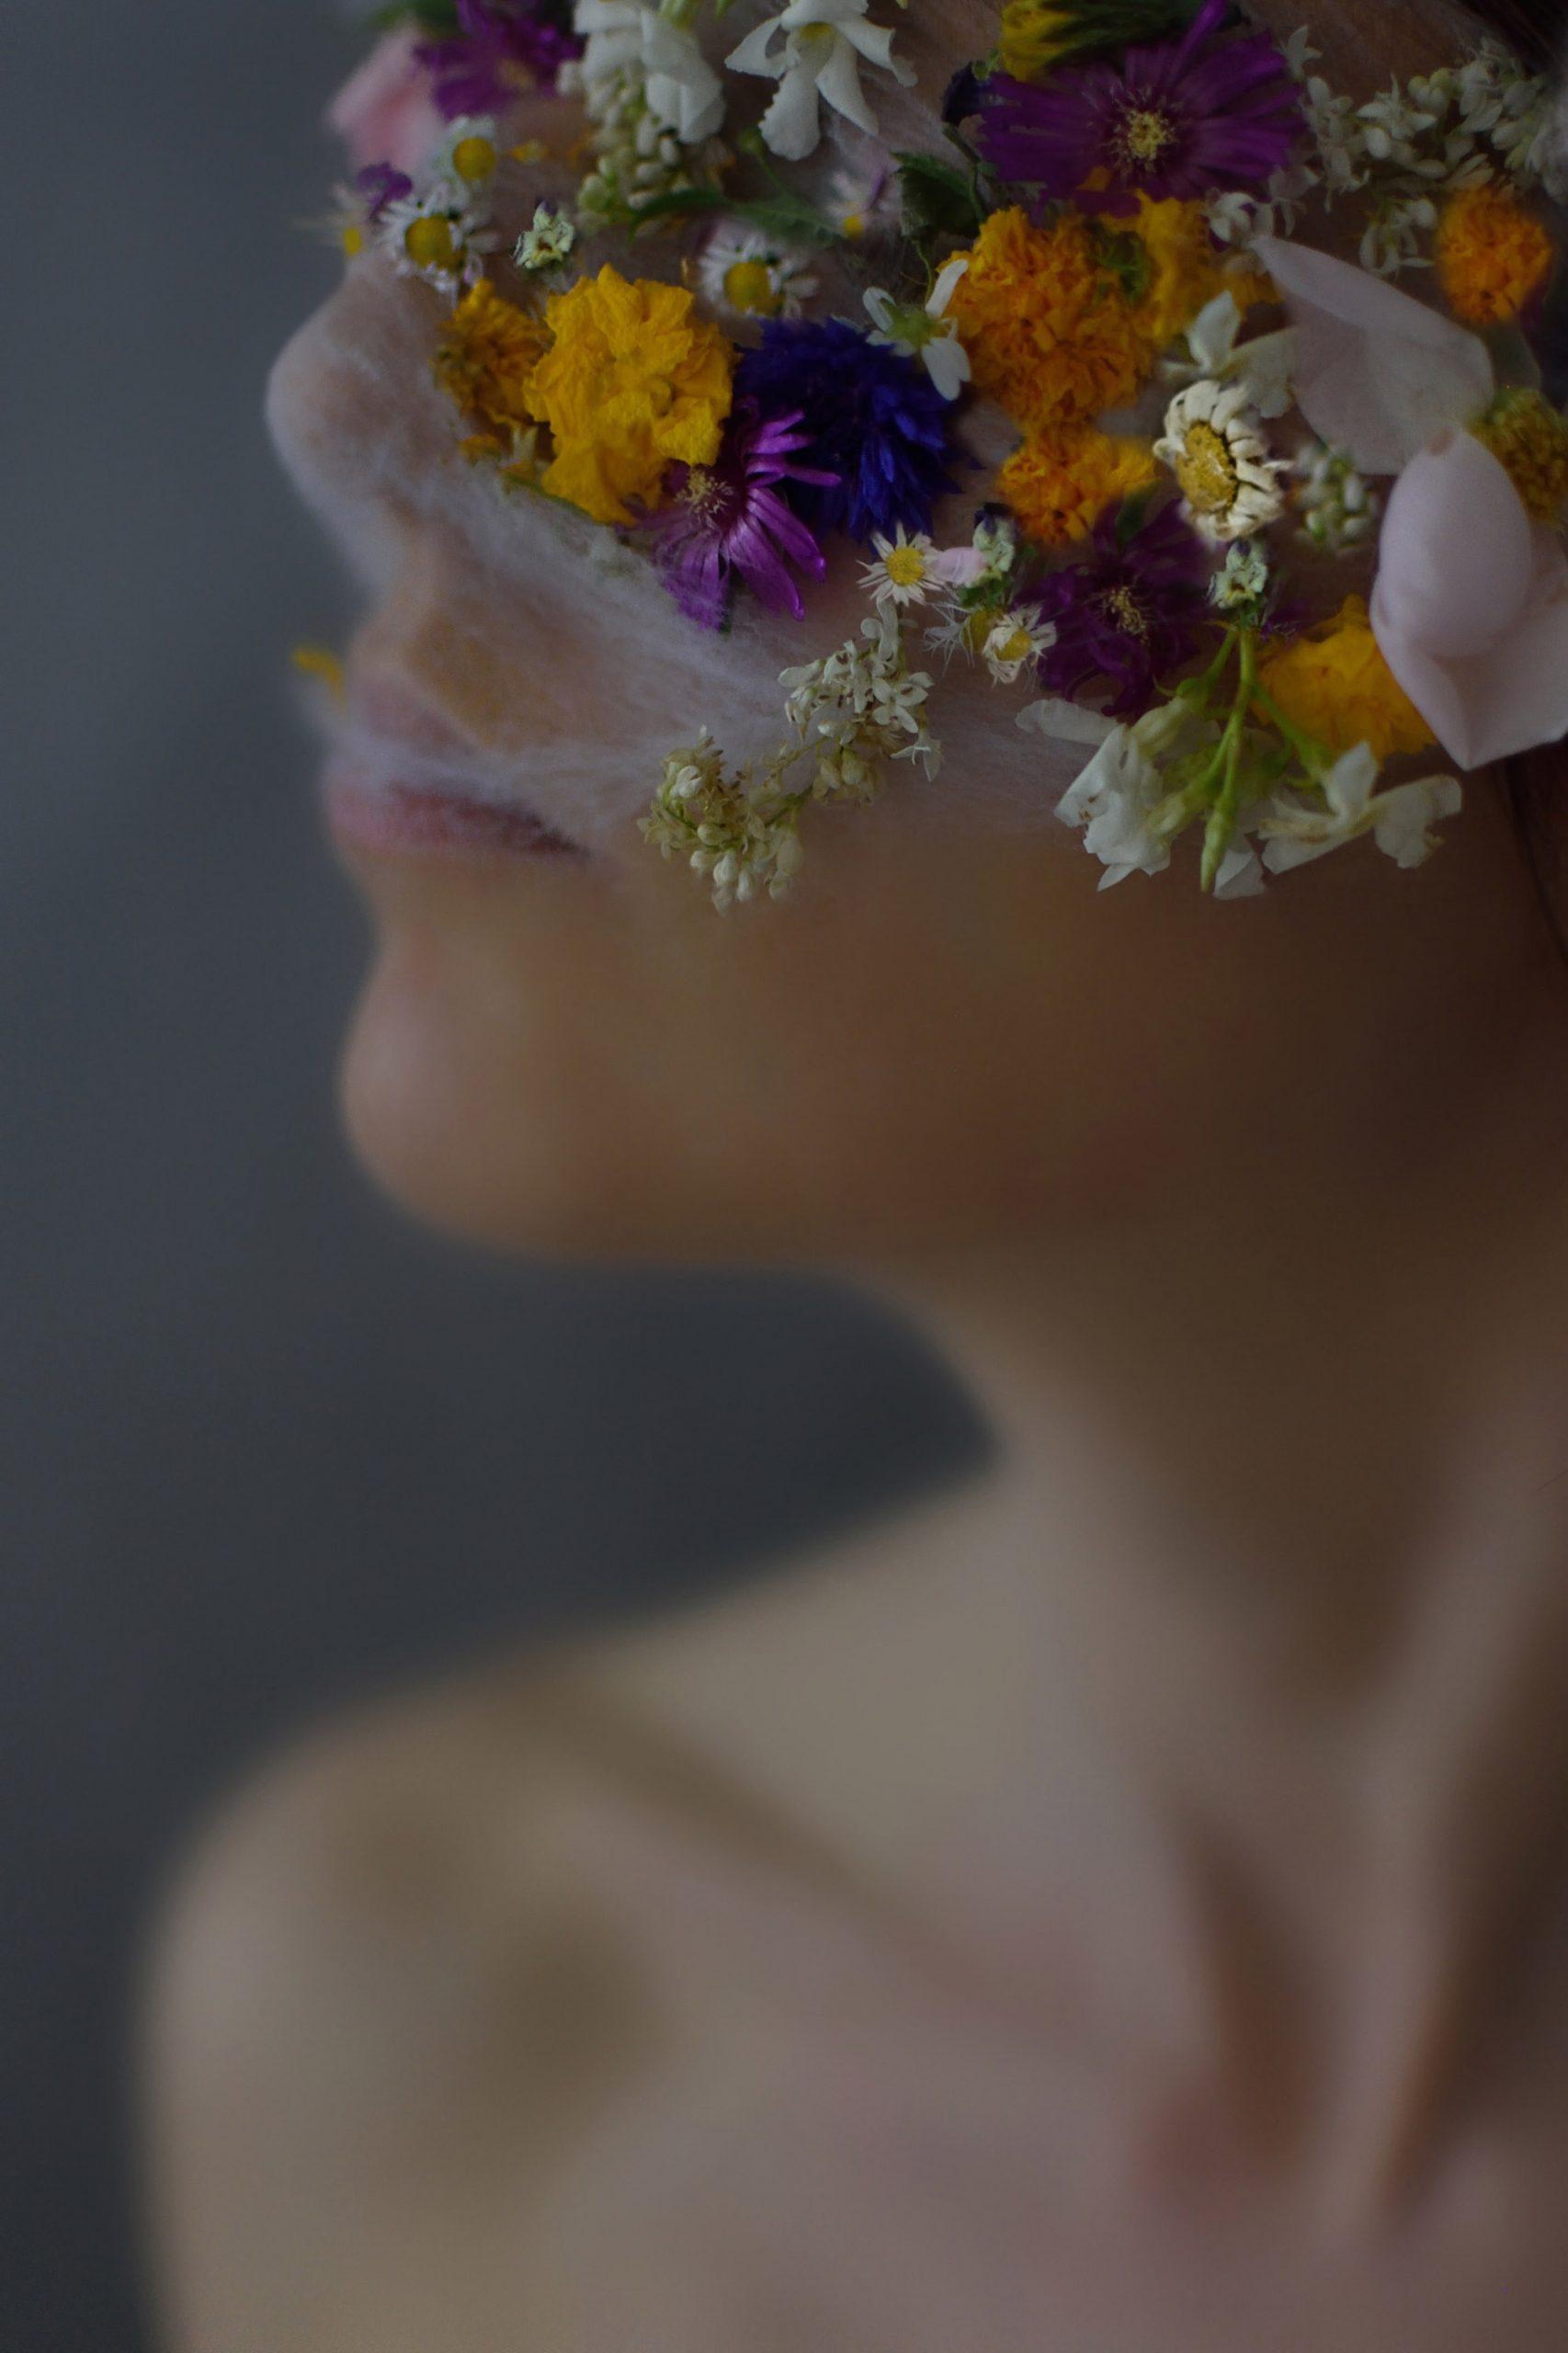 Categorie: Fine Art, Glamour, Portrait - Photographer: ROSY CARLETTI - Model: LAURA PAGLIANI - Location: Verona, VR, Italia